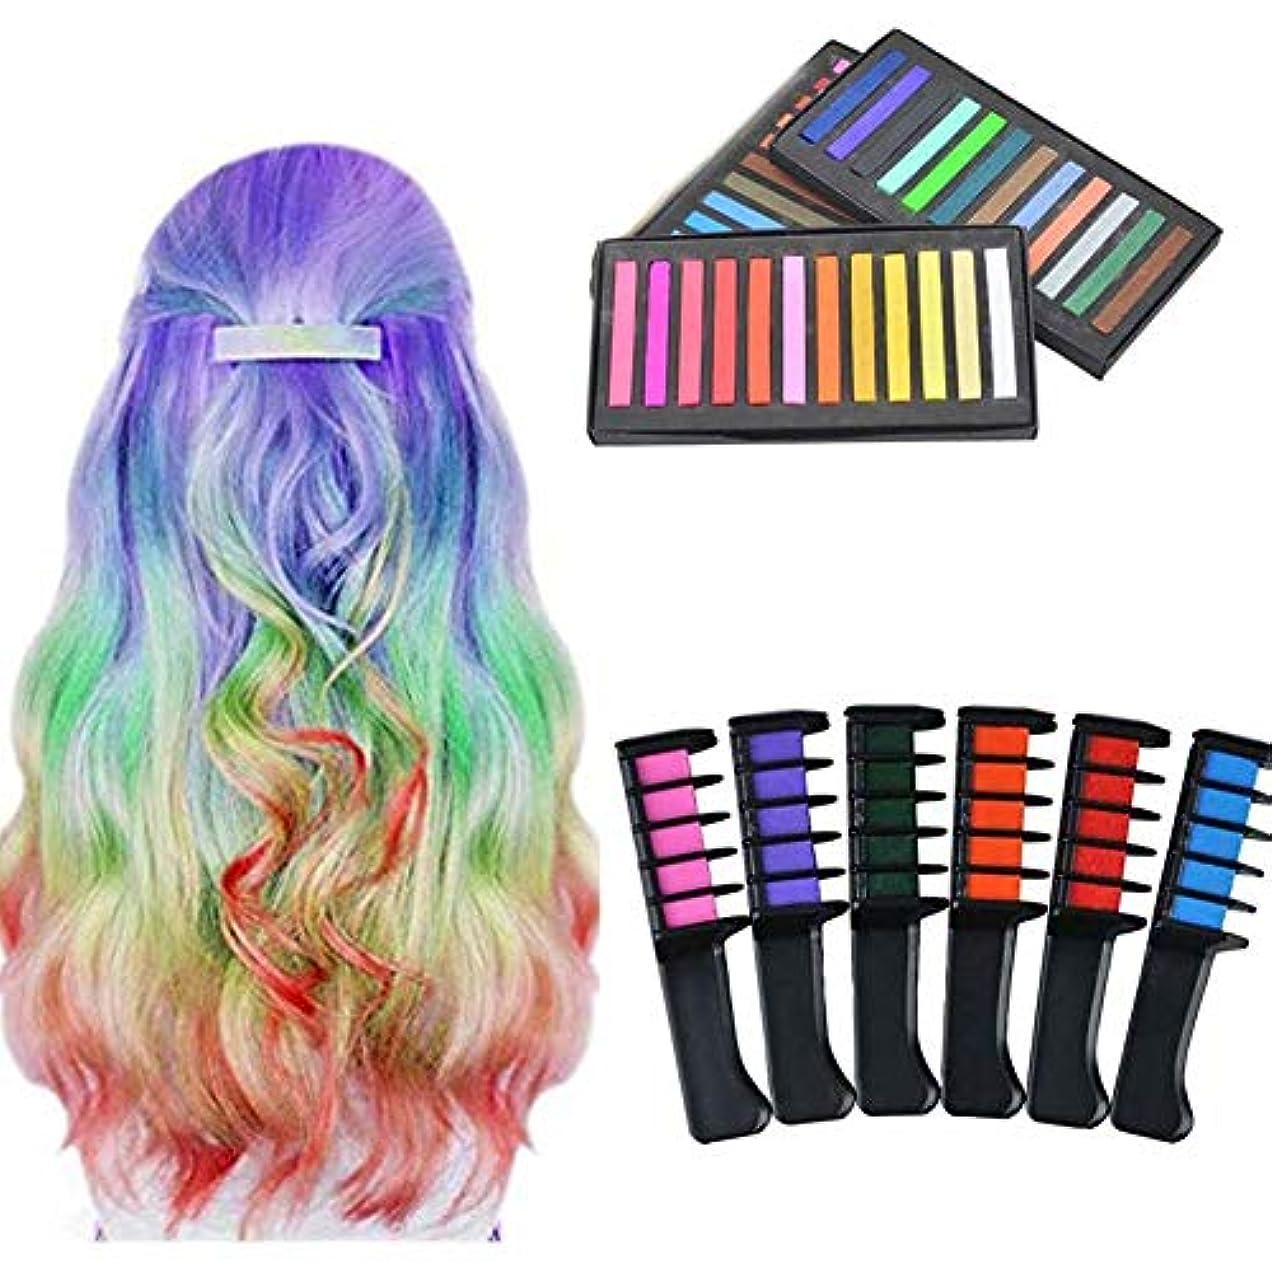 アンケート有力者リダクターキッズパーティー洗える髪染めペットキット(6色+ 36色ヘアスティック)のための髪染料チョーク櫛一時的な色